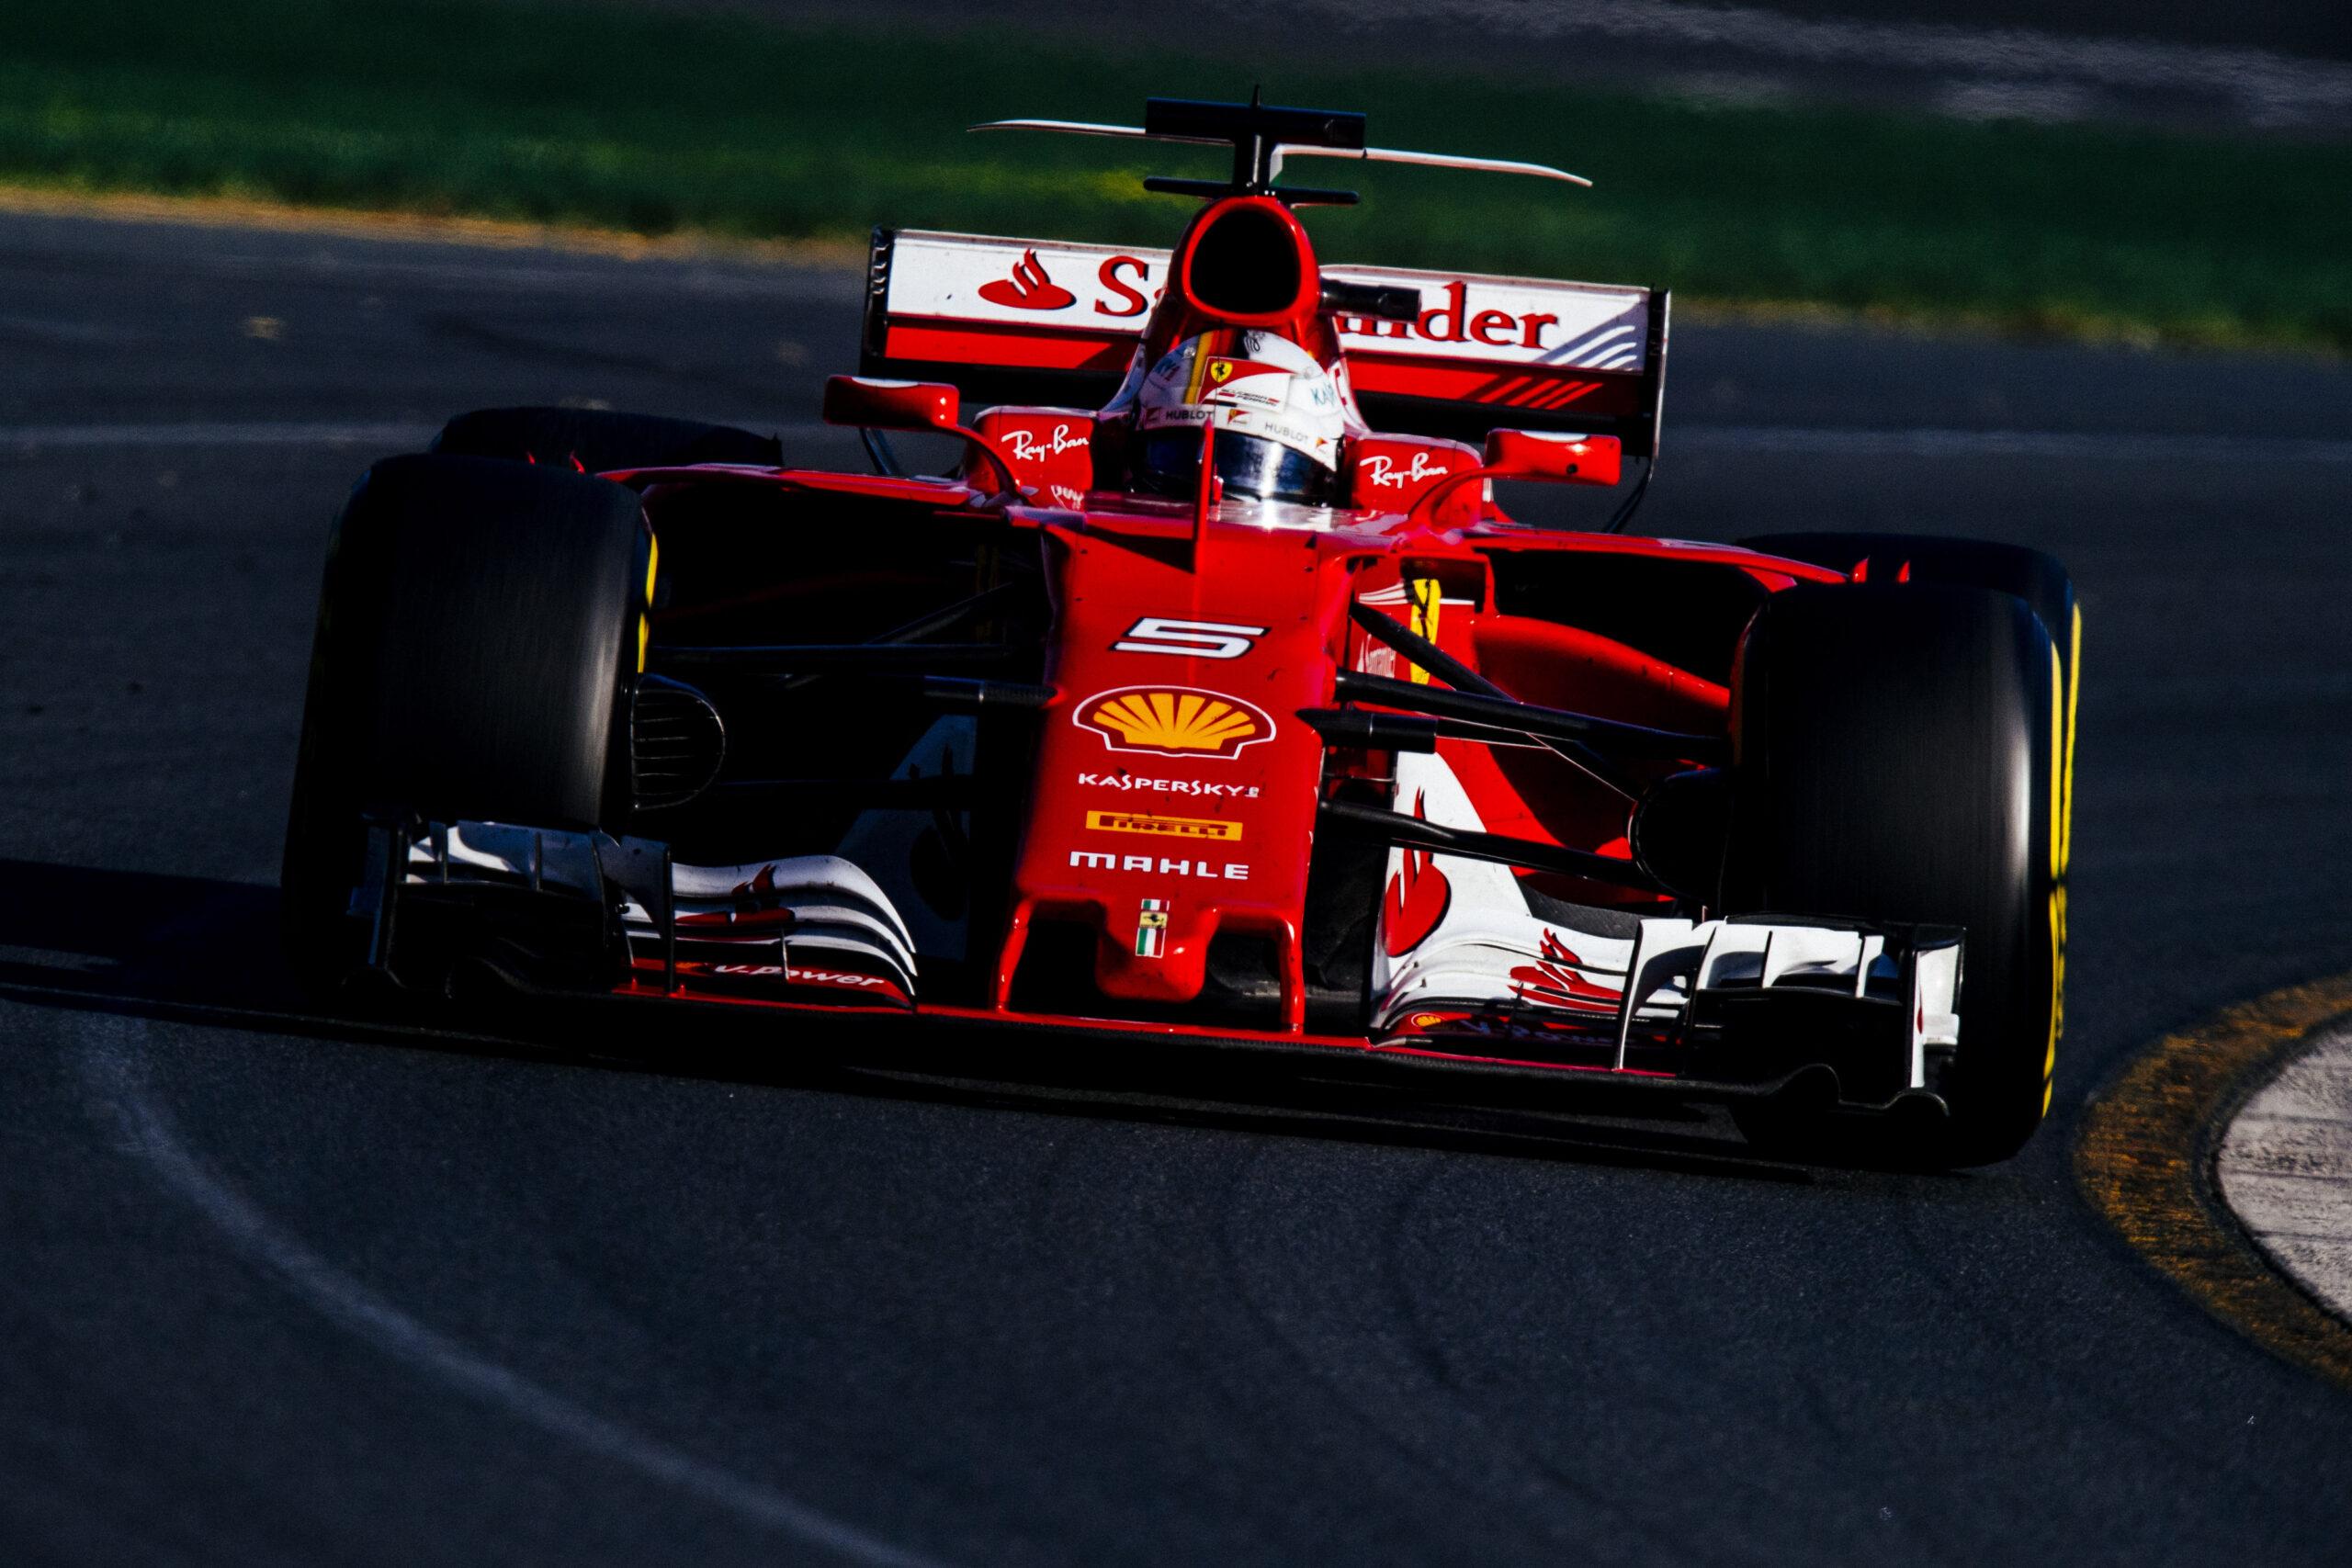 Ferrari SF70H: questione di chimica